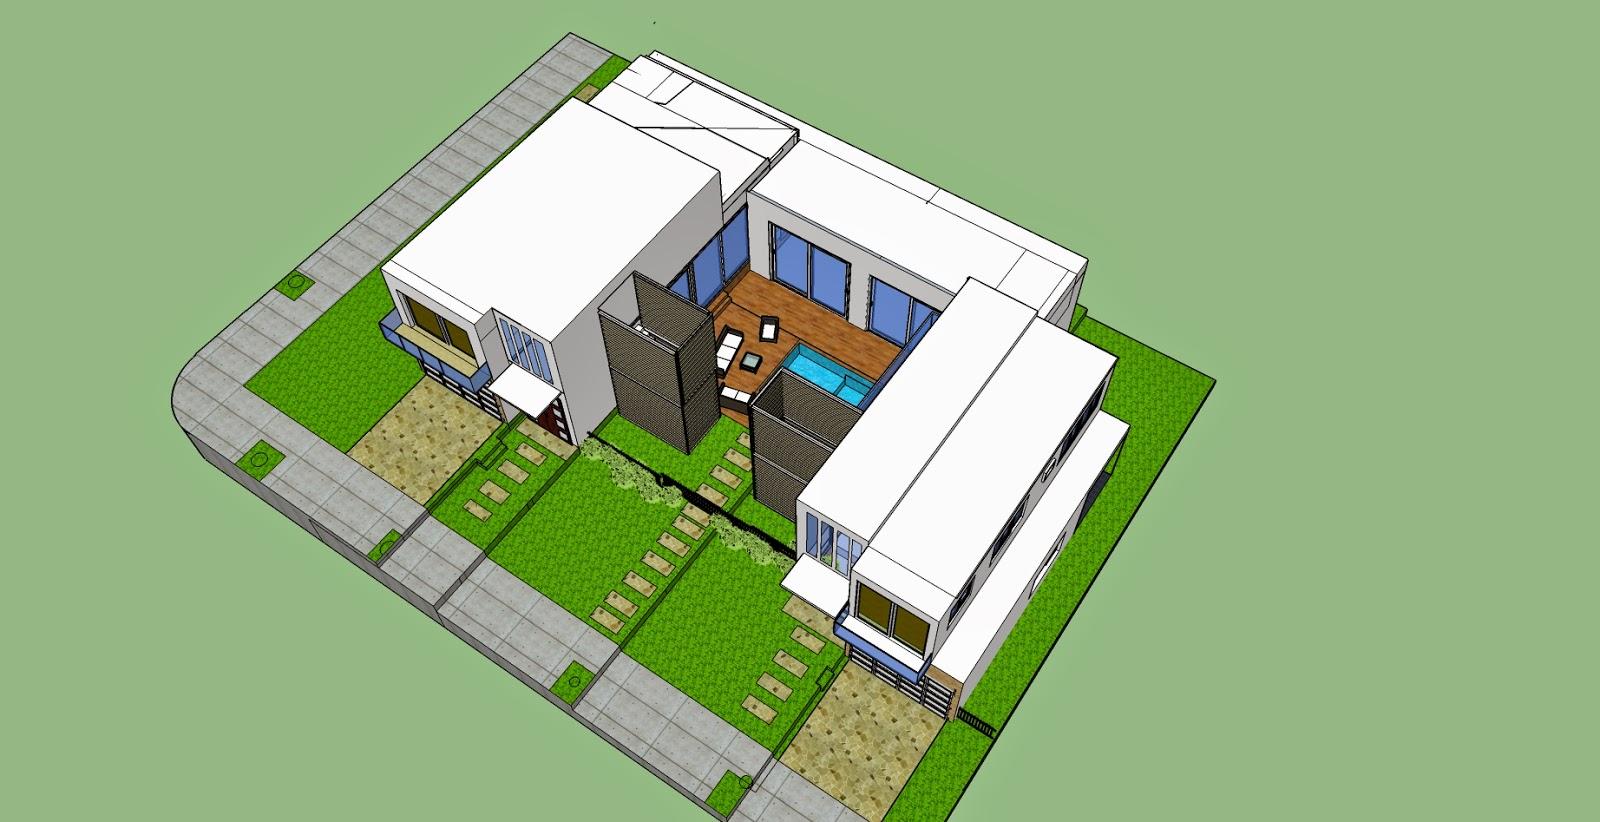 Arquitectura universidad del norte planos casa bifamiliar - Cuanto me costaria construir una casa ...